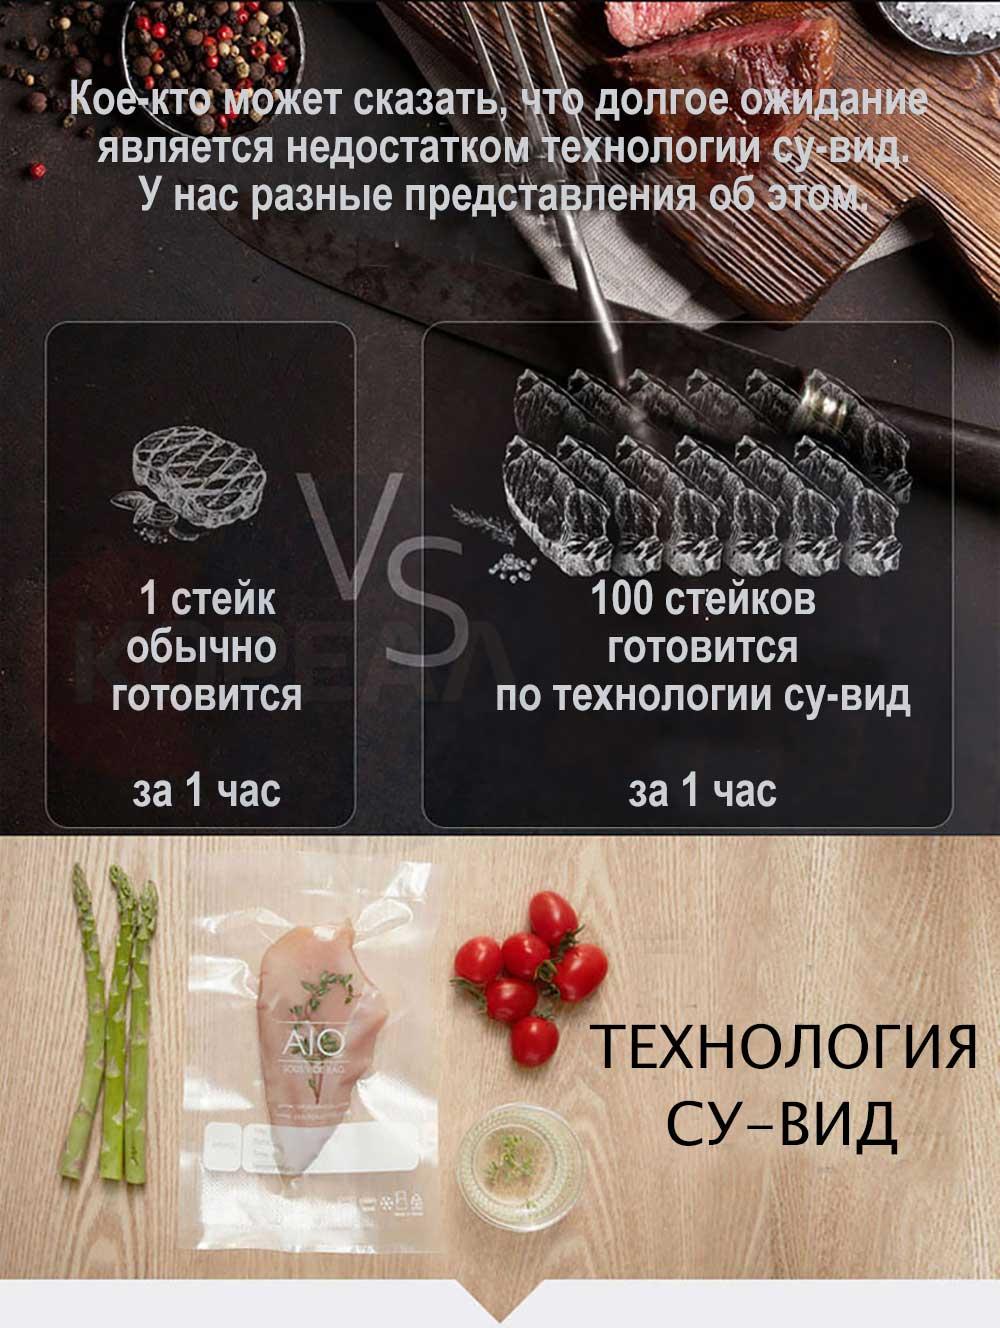 зачем готовить в вакуумной упаковке